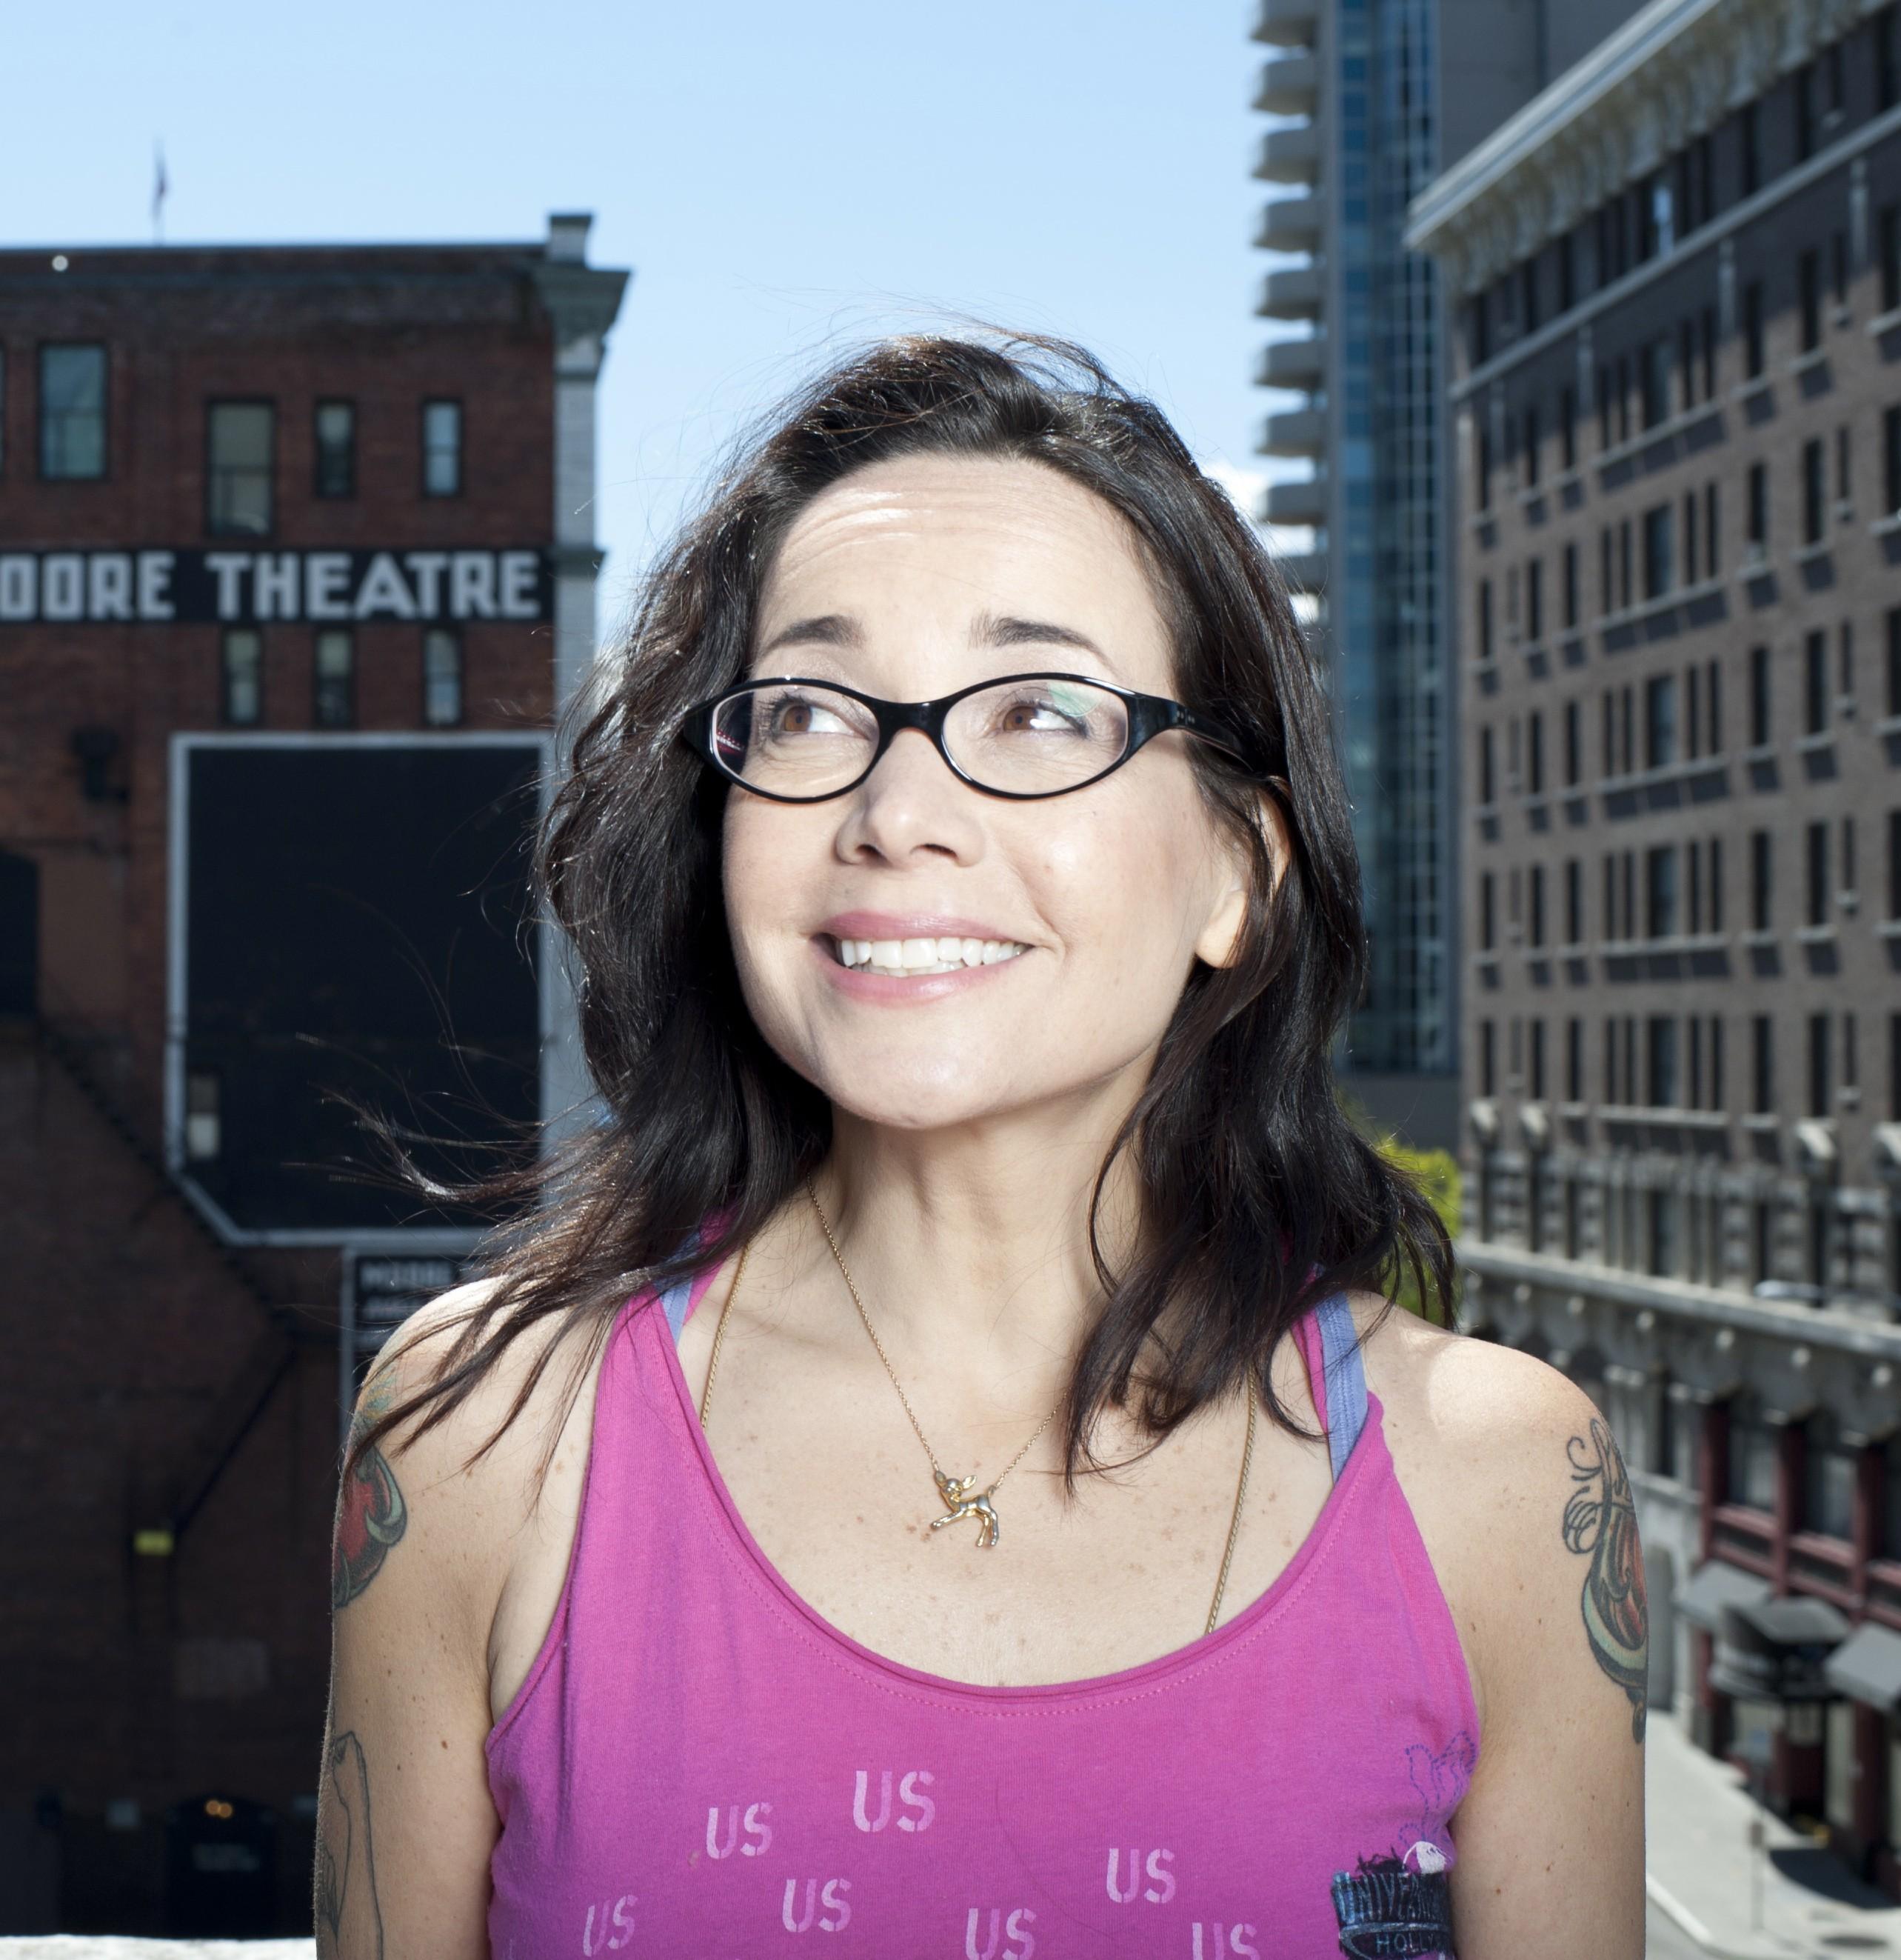 Amanda Lederman